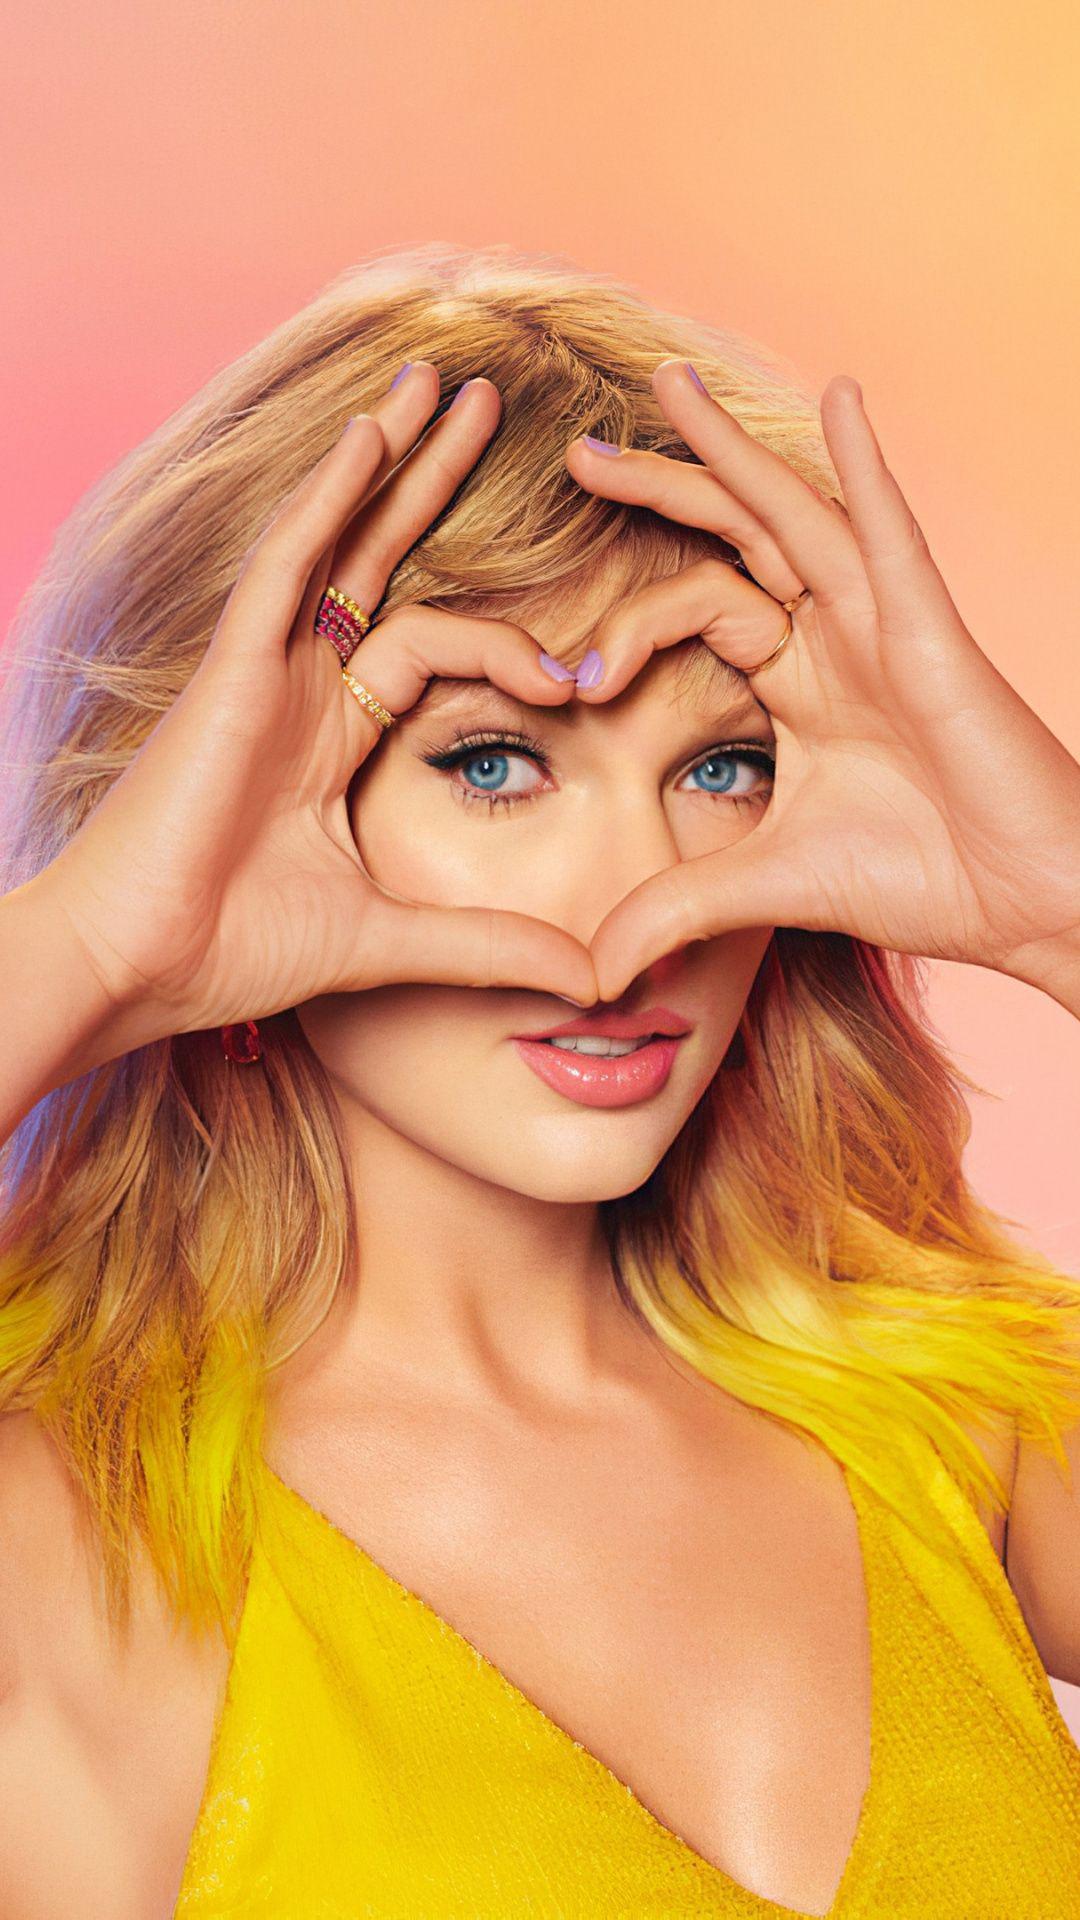 1080x1920 Taylor Swift, Apple music, 2020 wallpaper in